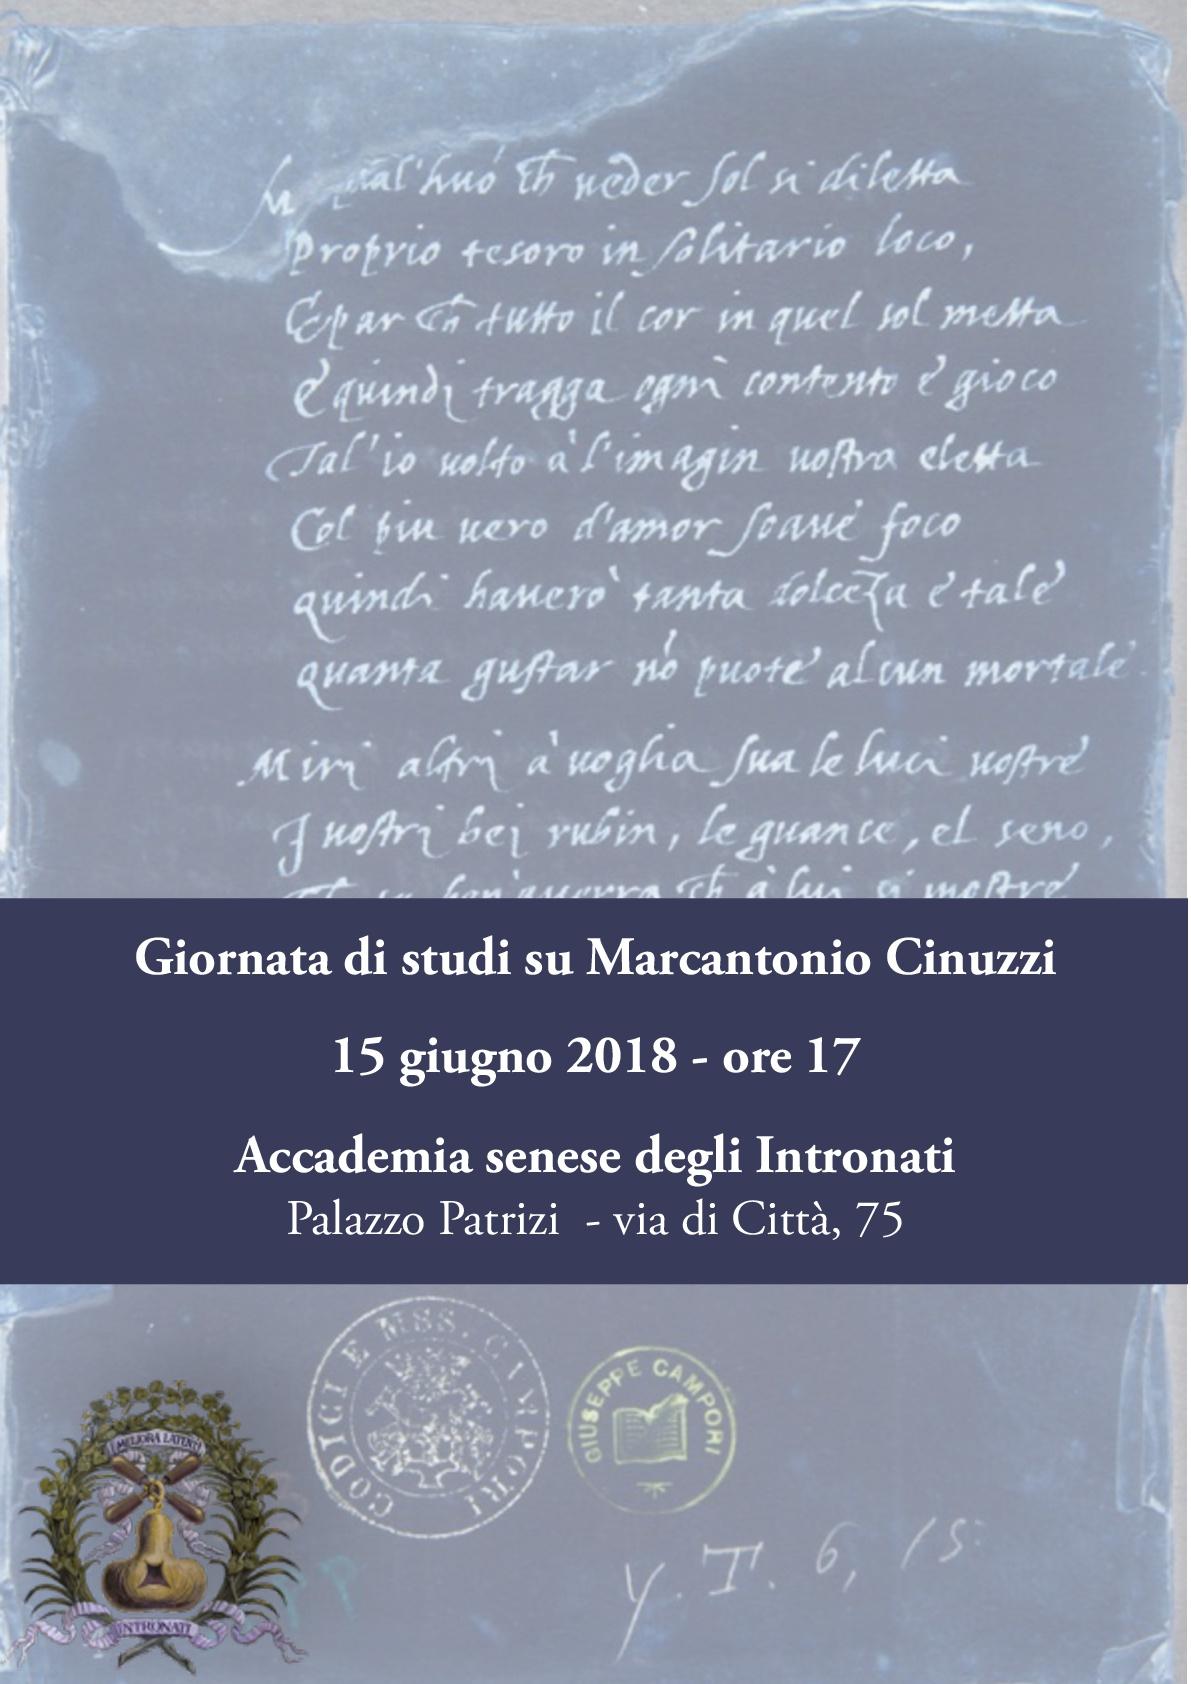 Giornata_di_studi_su_Marcantonio_Cinuzzi-001